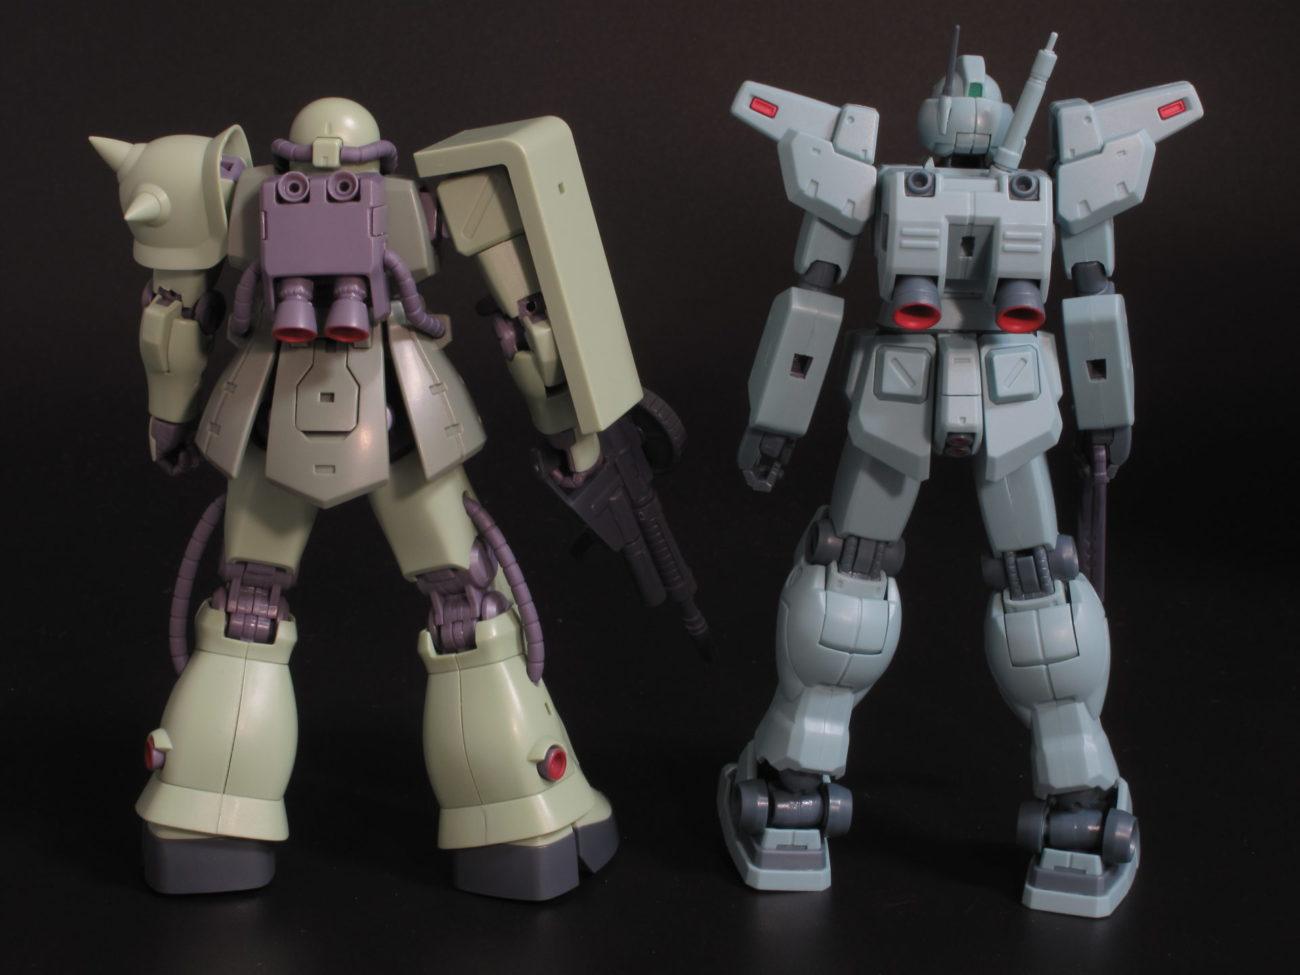 ザクⅡF2型